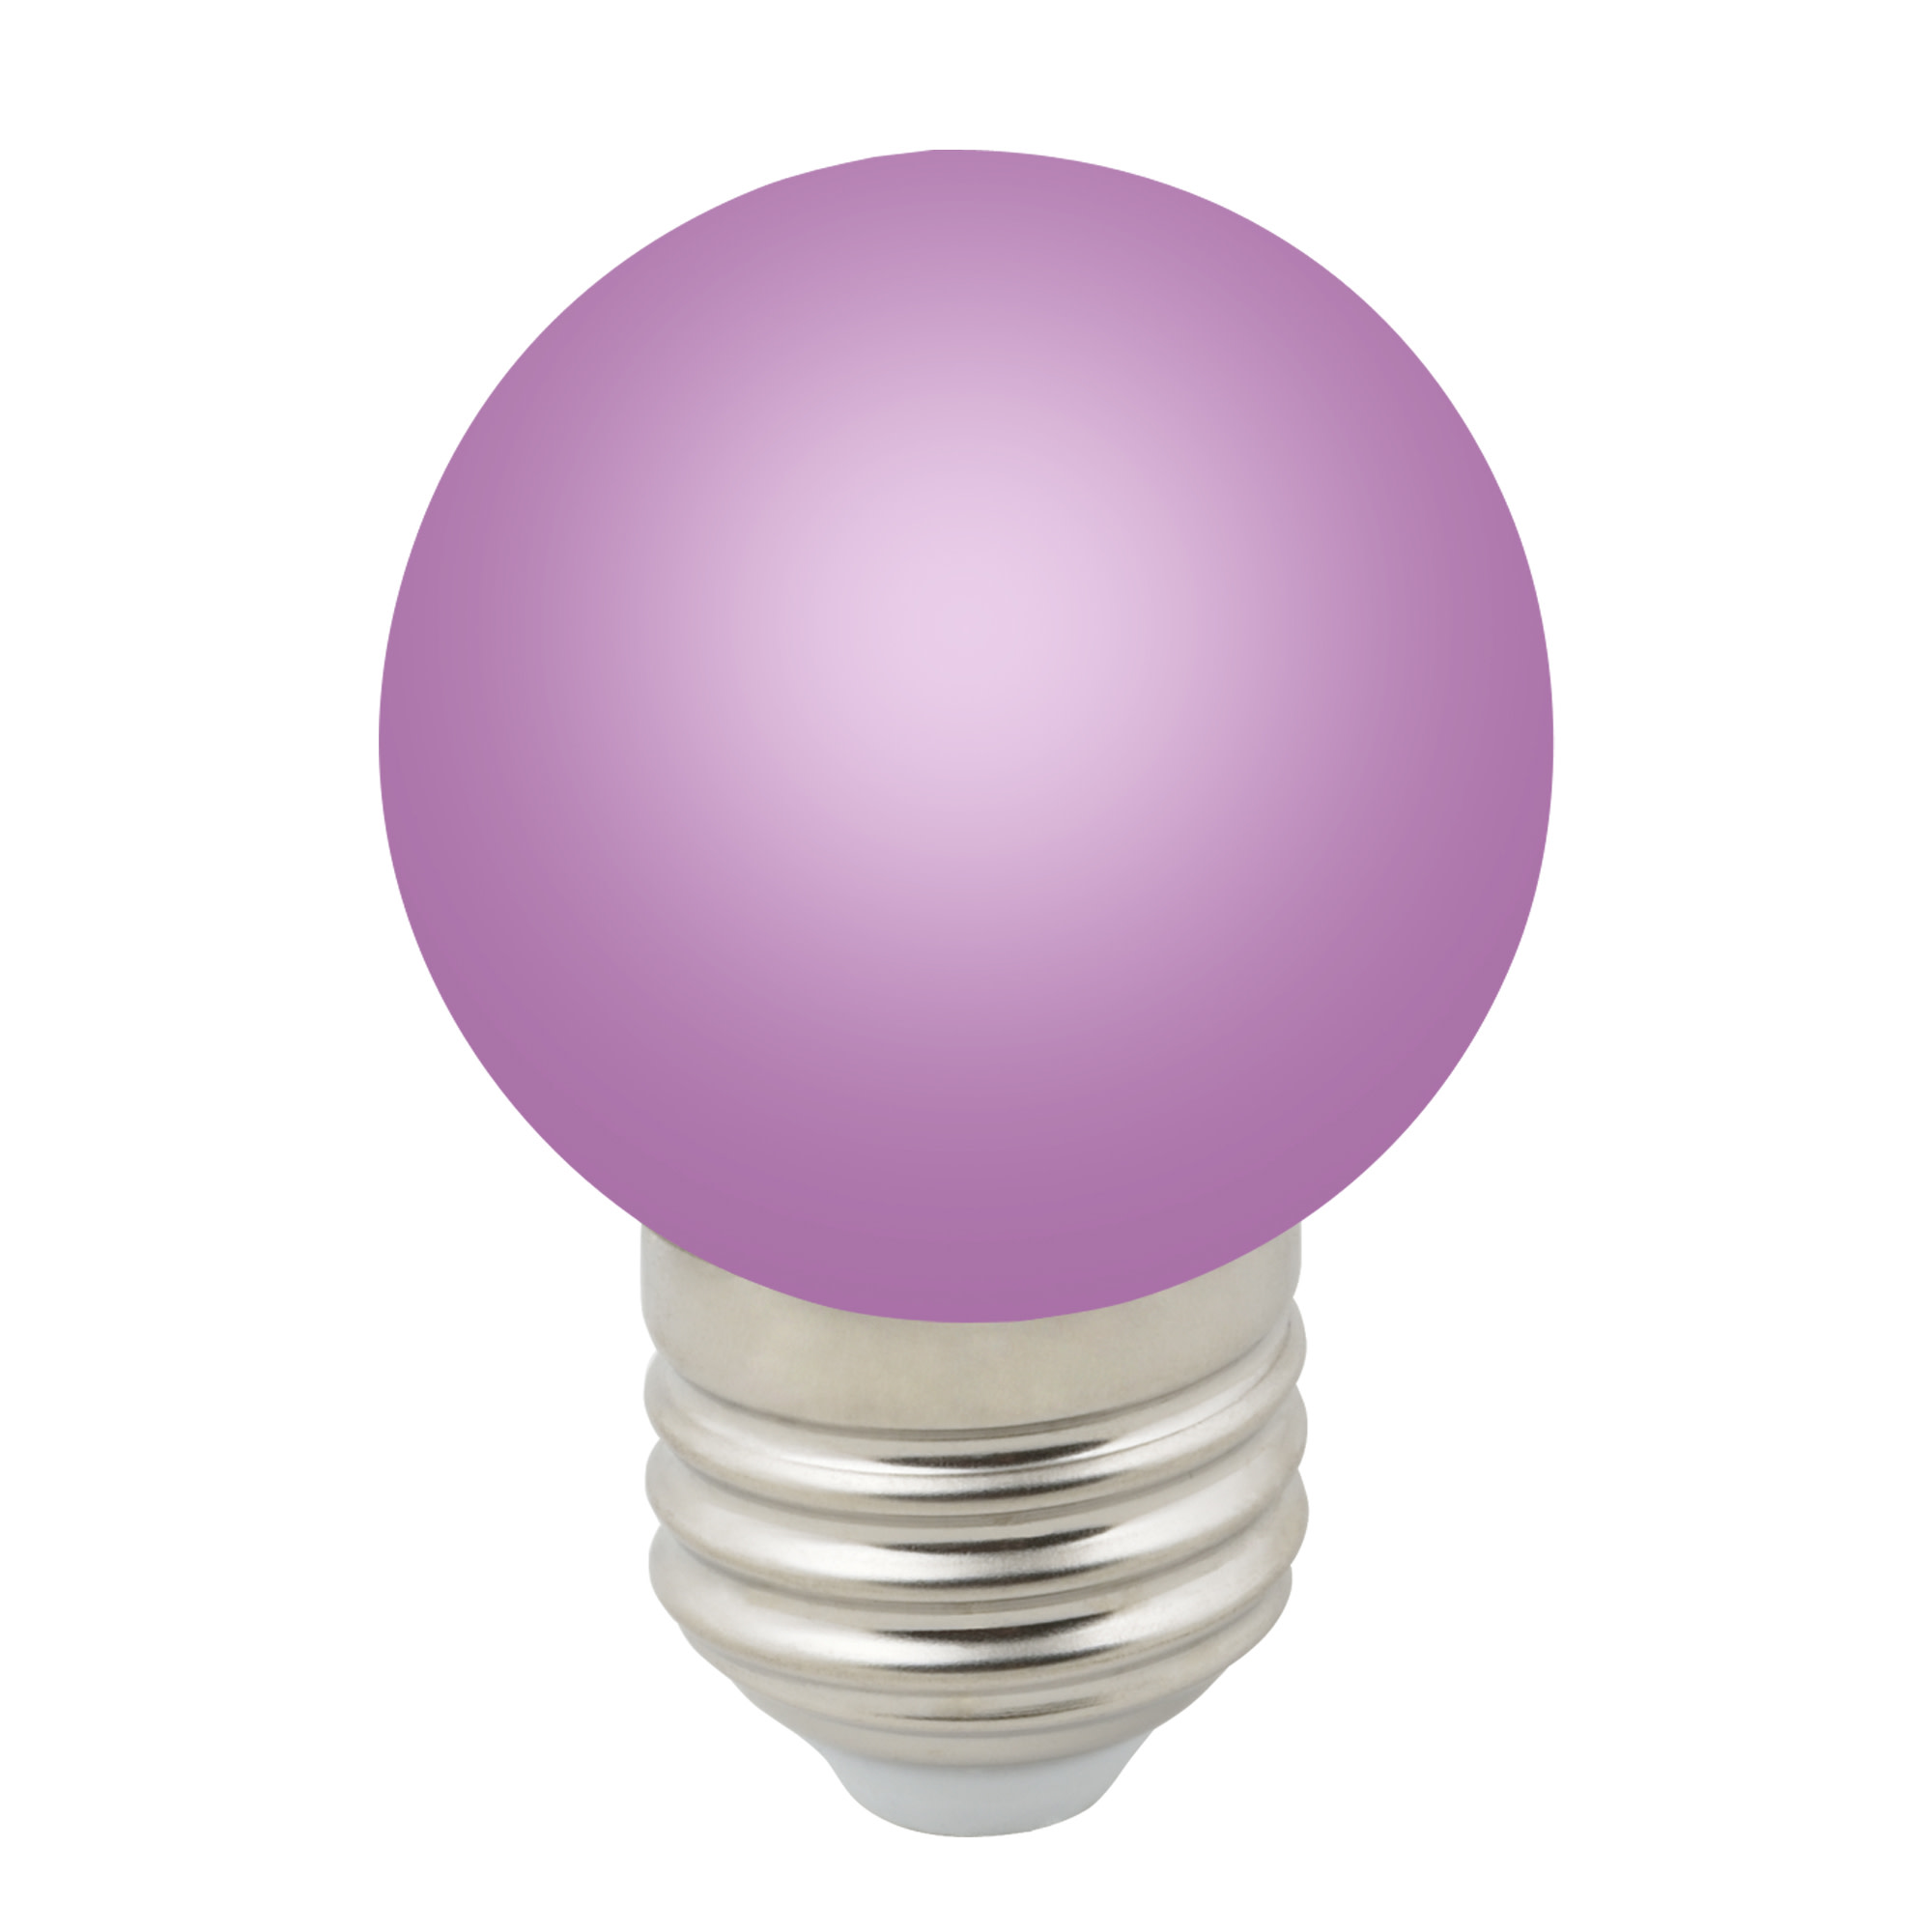 Лампа светодиодная Volpe E27 220 В 1 Вт шар матовый 80 лм фиолетовый свет